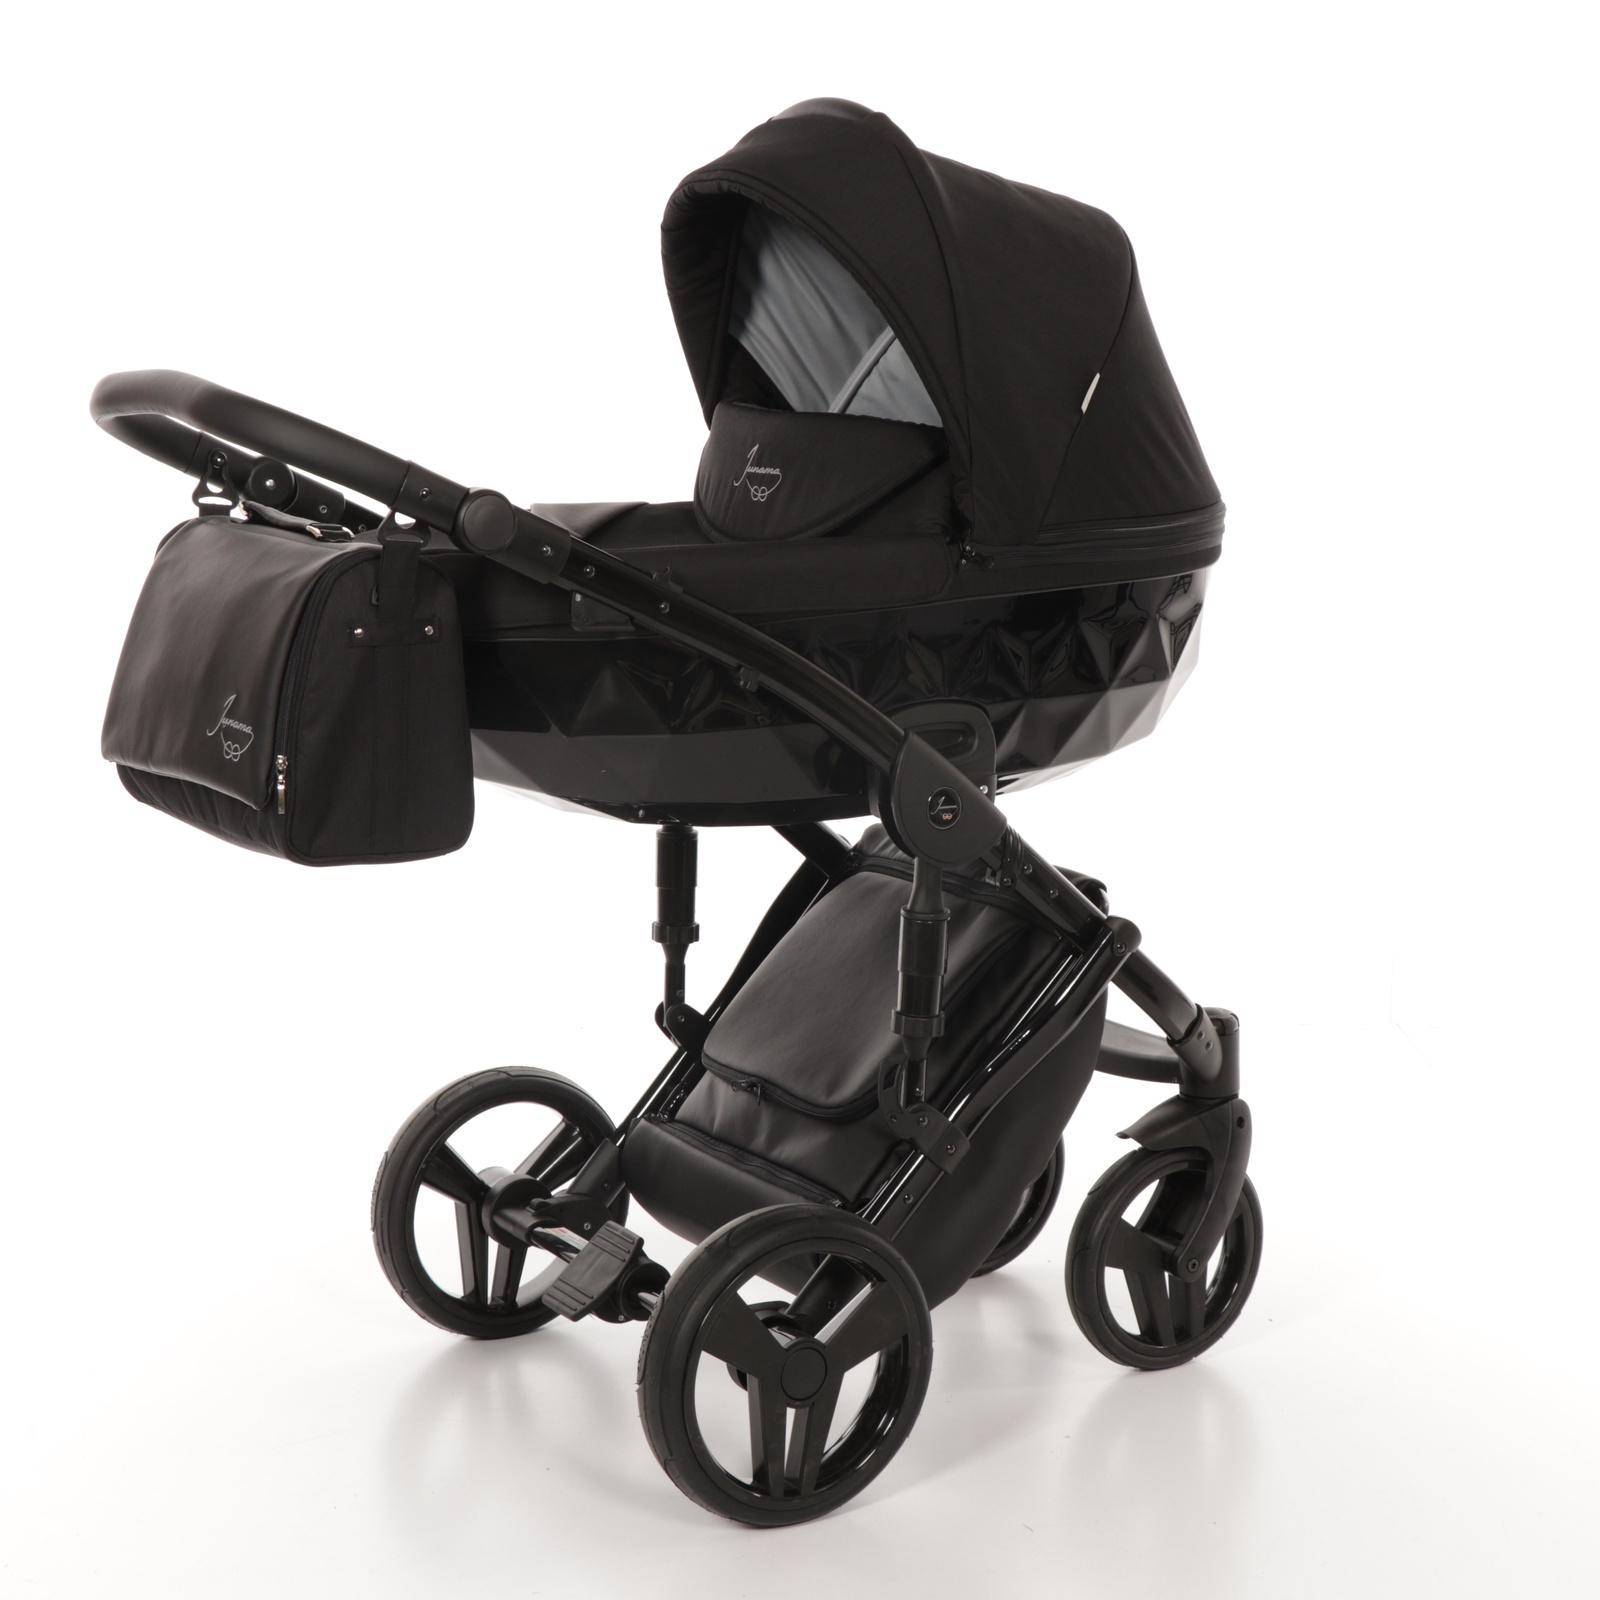 Коляска универсальная JUNAMA JD-05 черный детская коляска 2 в 1 junama diamond jd 02 желтый черный короб